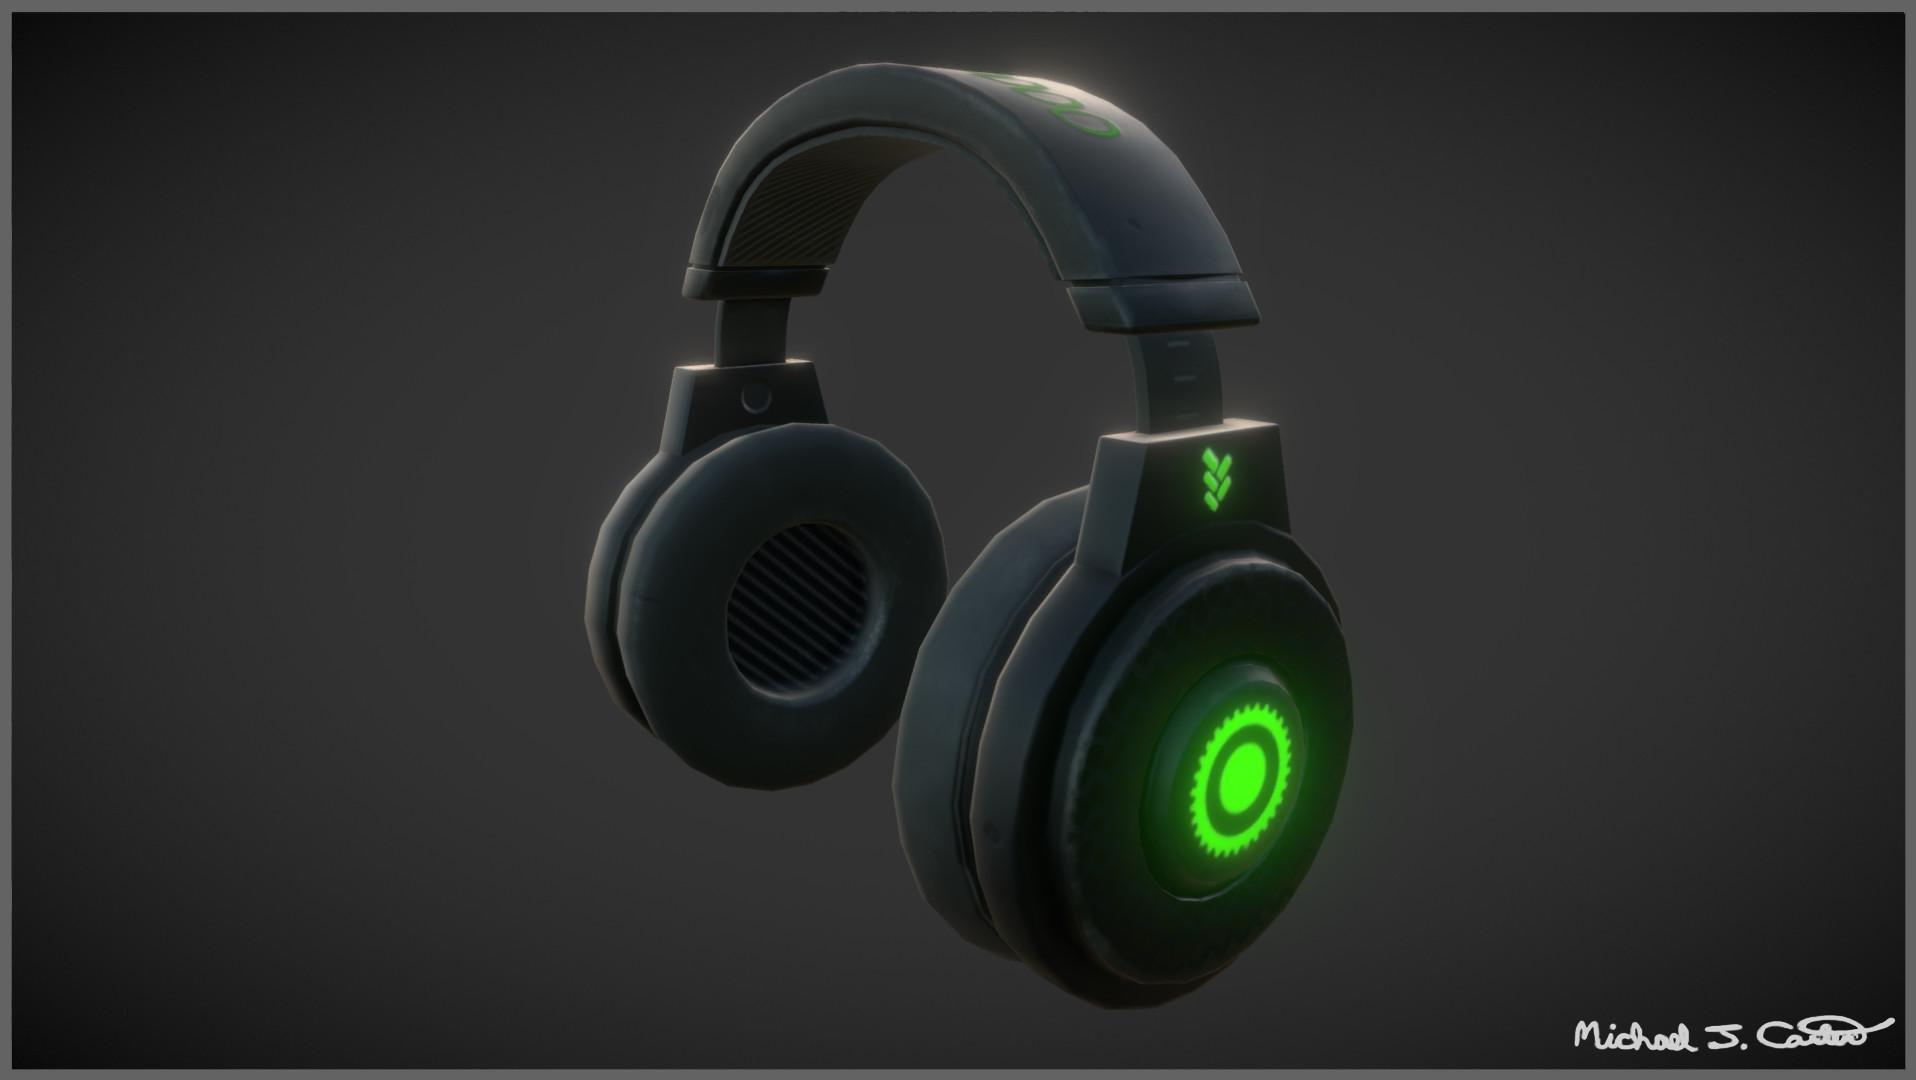 Michael jake carter mcarter headset left side image